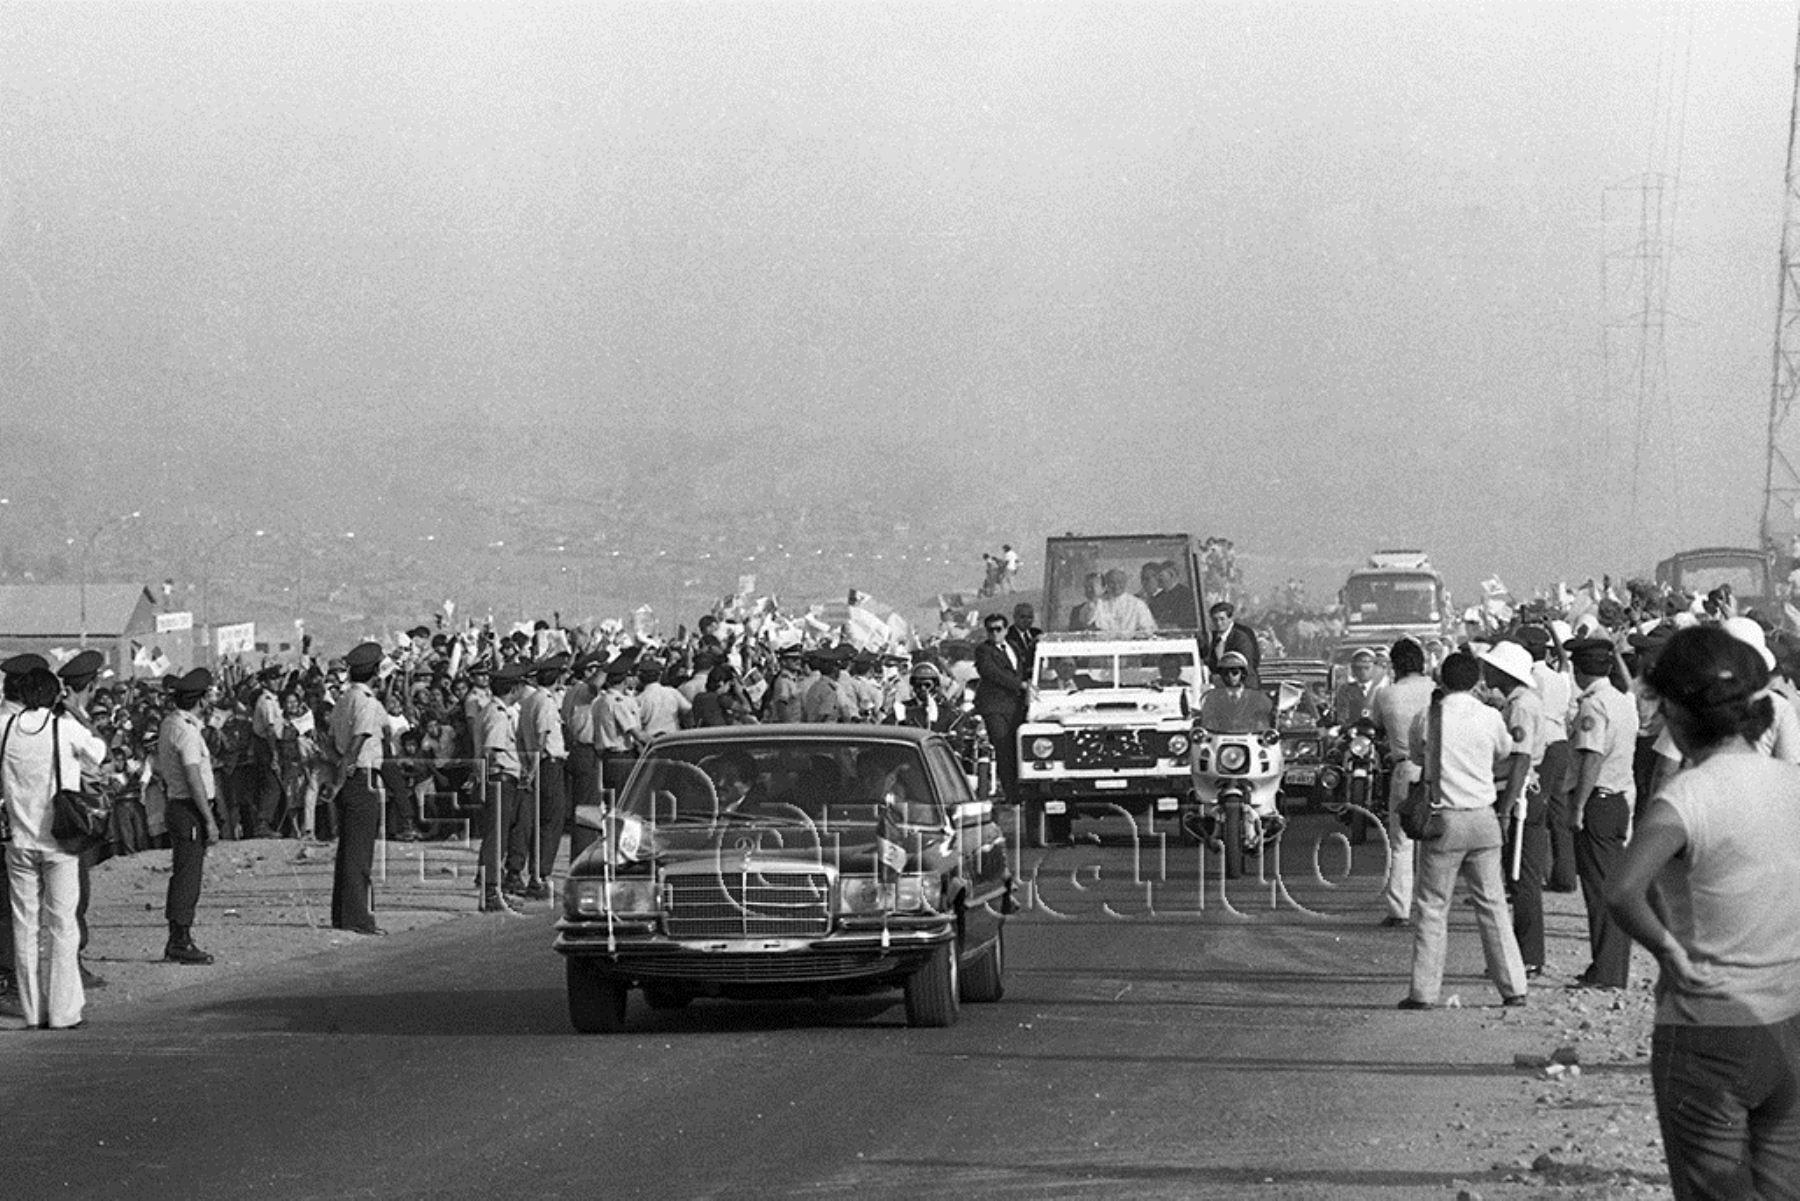 Lima (1985). El Papa Juan Pablo II llega a Villa El Salvador donde dirigió un mensaje a una multitud proveniente de pueblos jóvenes del cono sur de Lima.